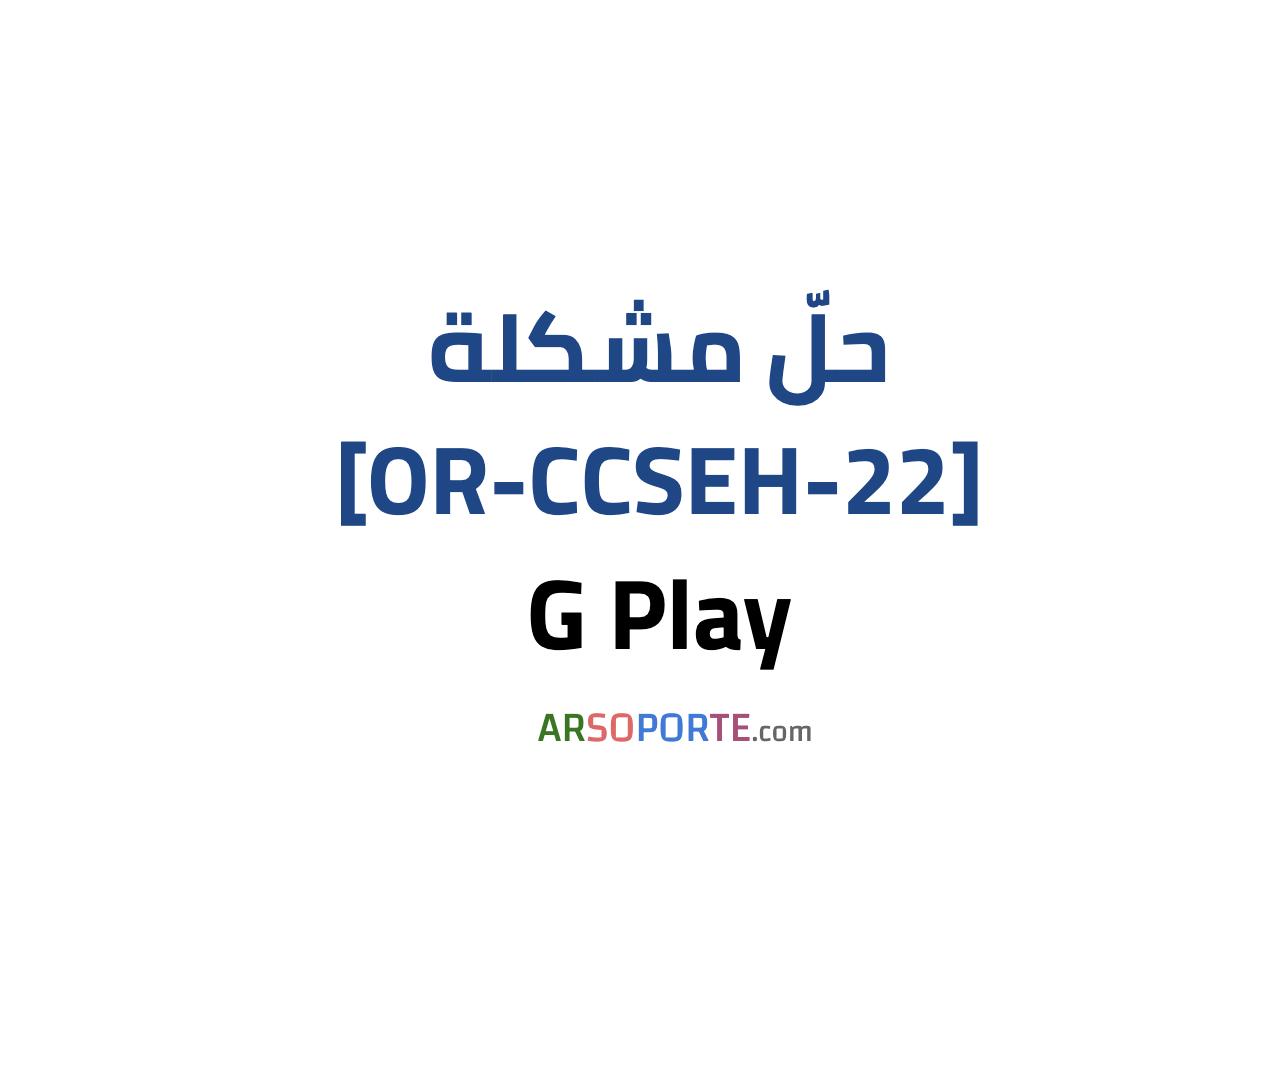 حلّ مشكلة [or-ccseh-22]